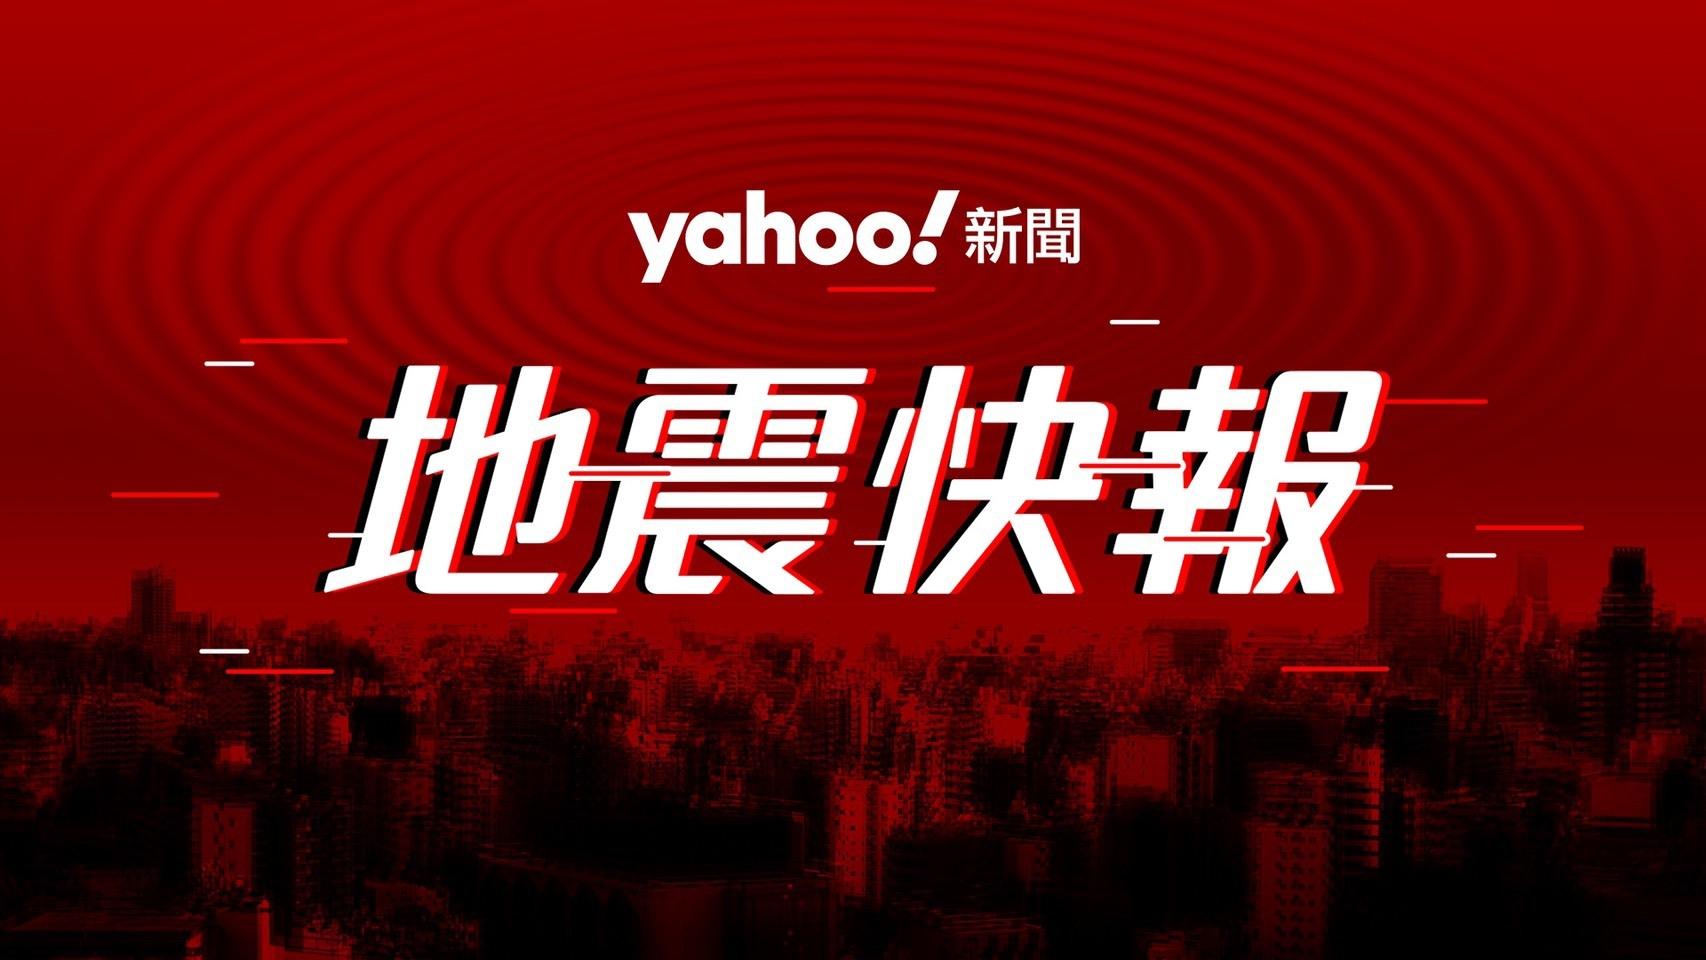 Yahoo 地震